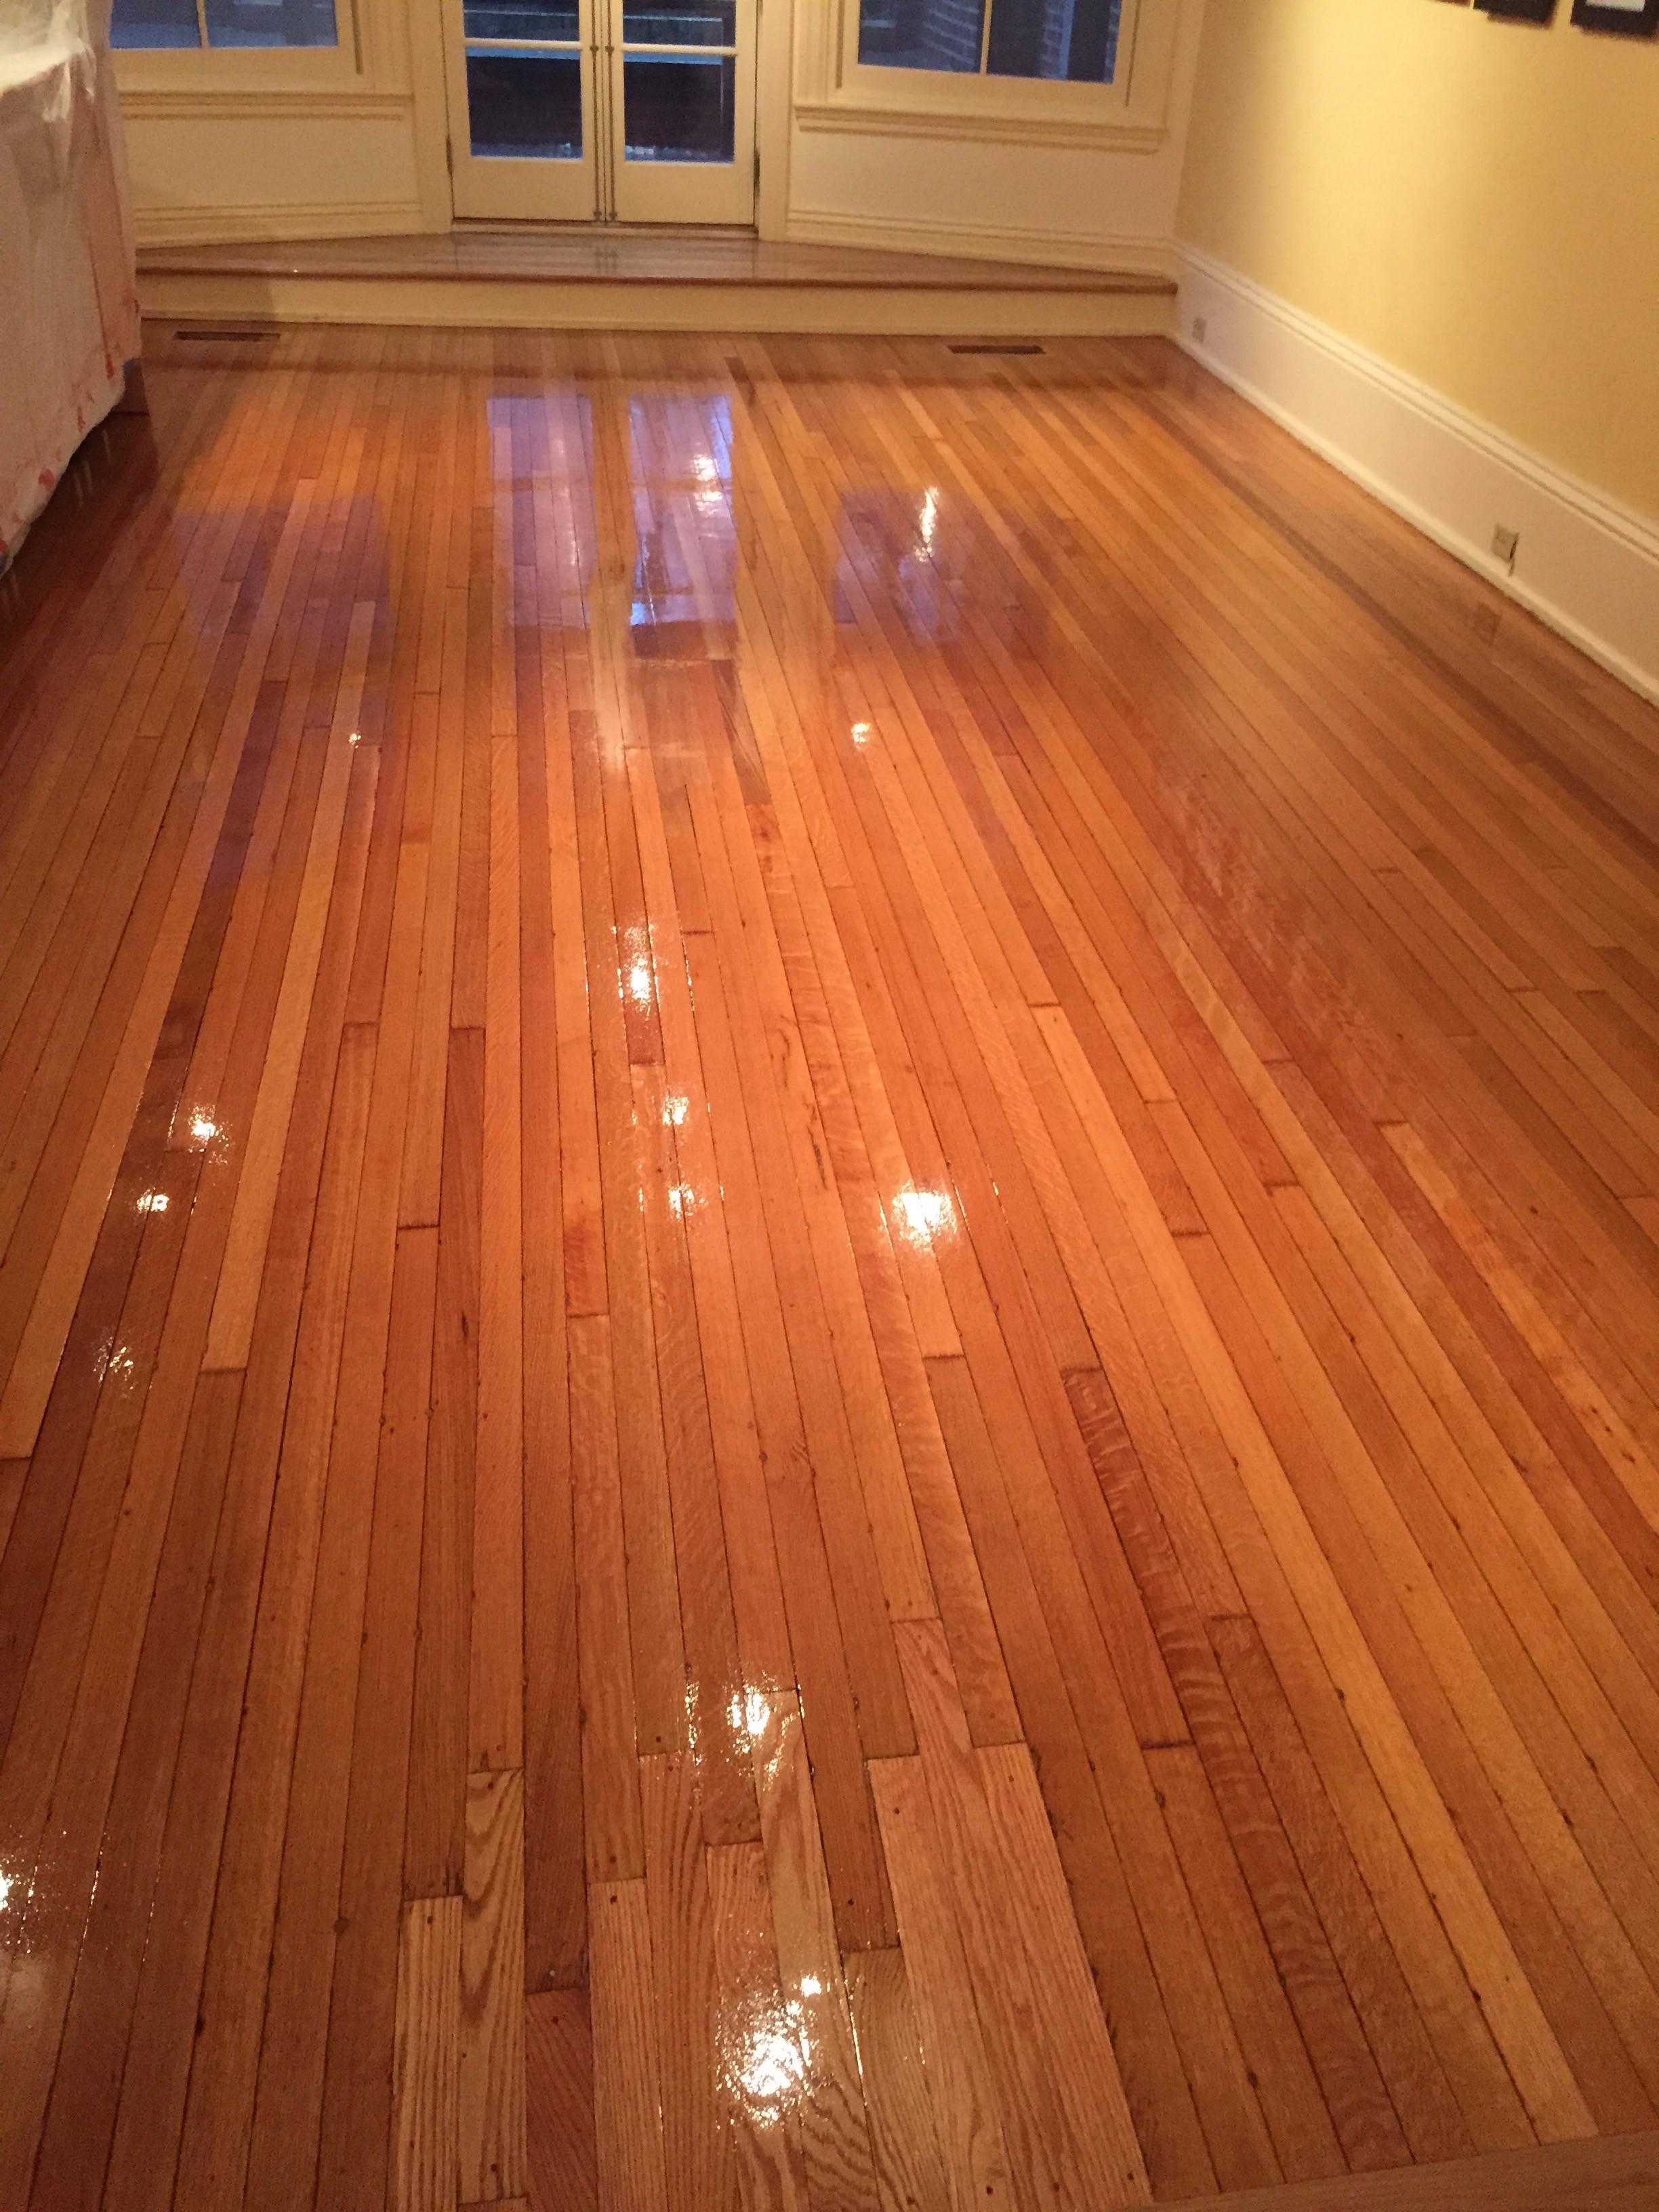 Joe DiNardis Hardwood Floors Refinishing image 2